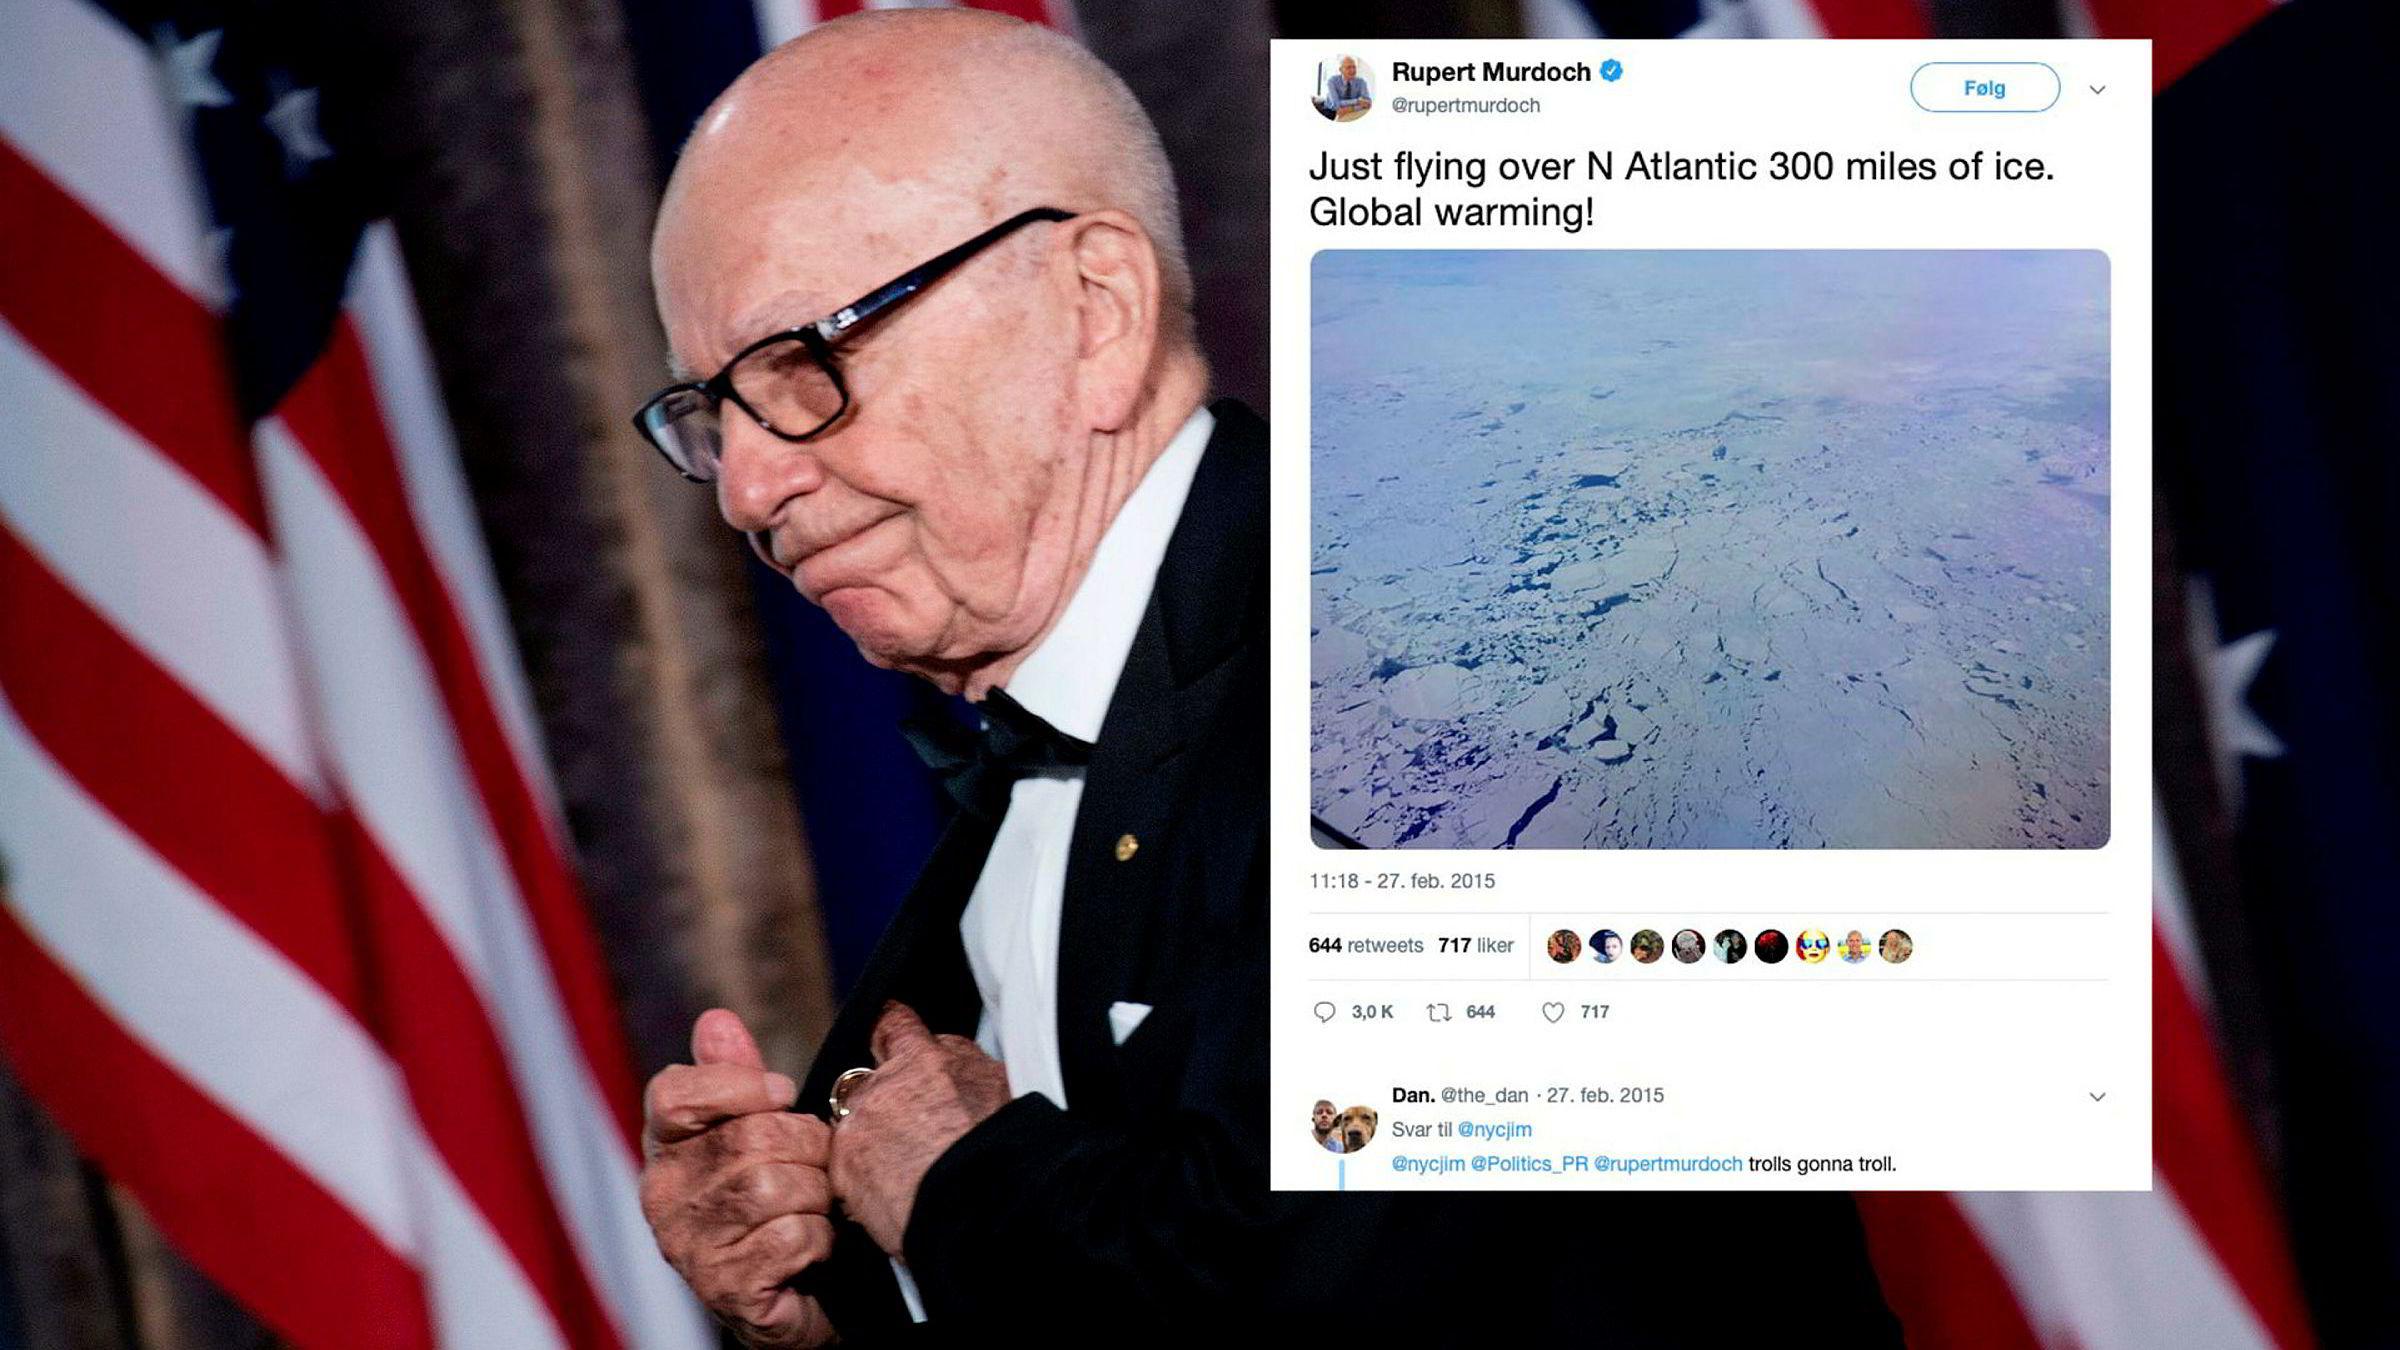 Mediene Rupert Murdoch kontrollerer, sprer klimafornektelse på flere kontinenter.